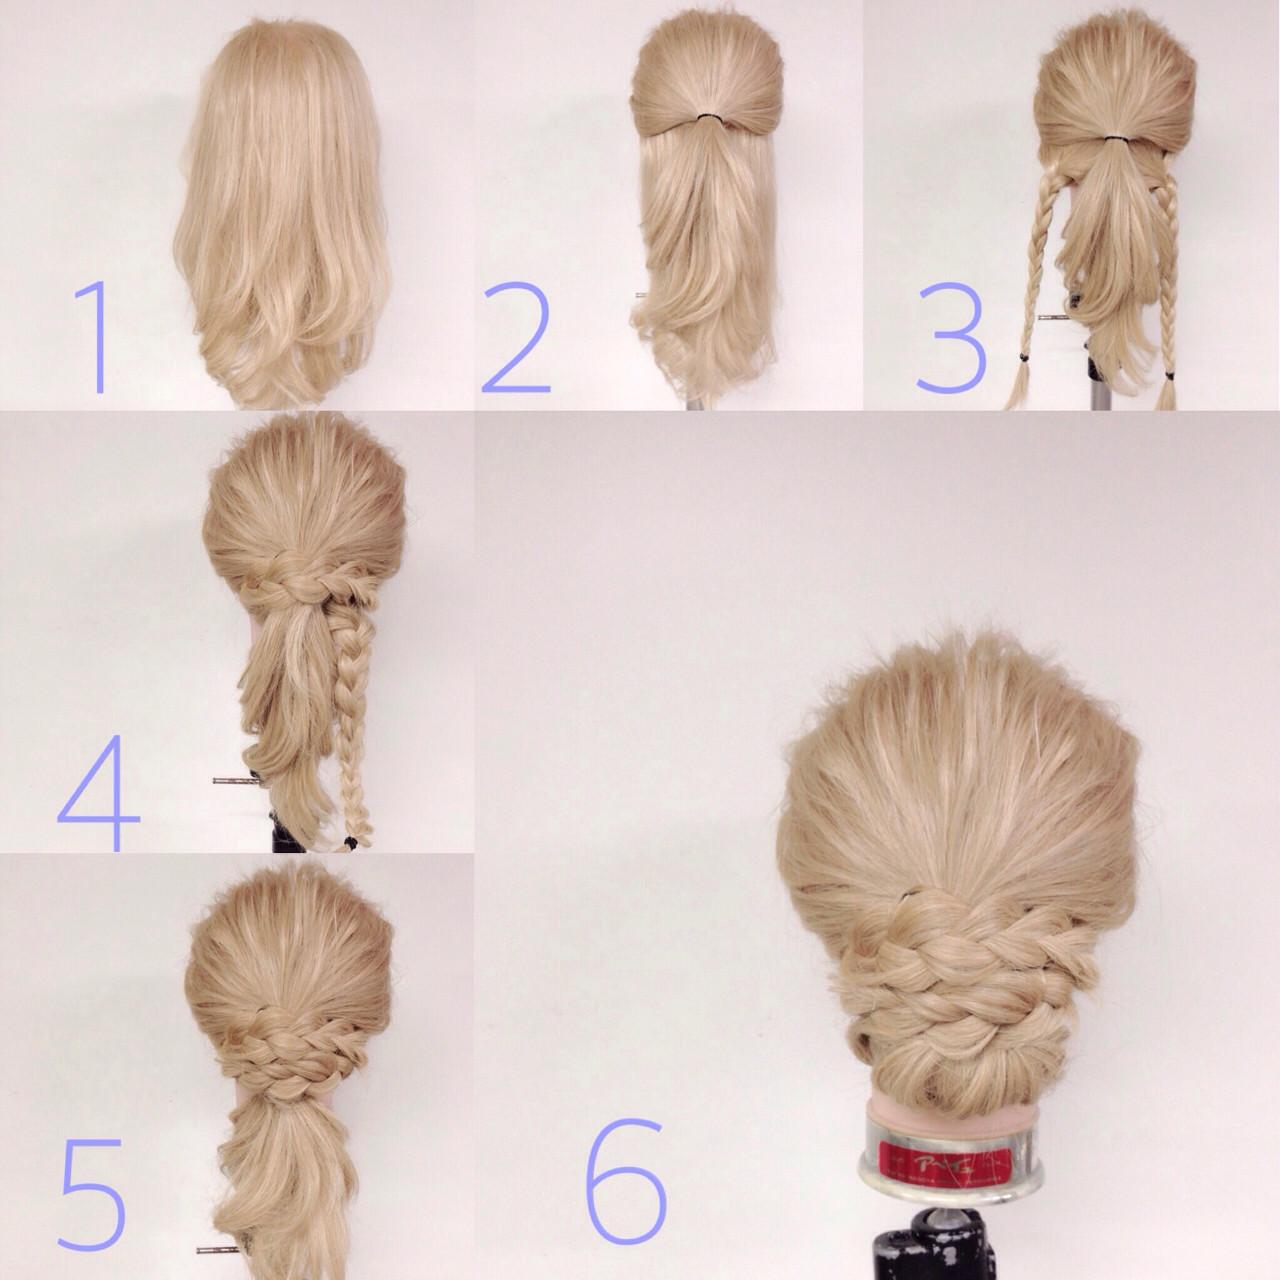 ハーフアップ×三つ編みでつくる簡単まとめ髪 あだち きみよ